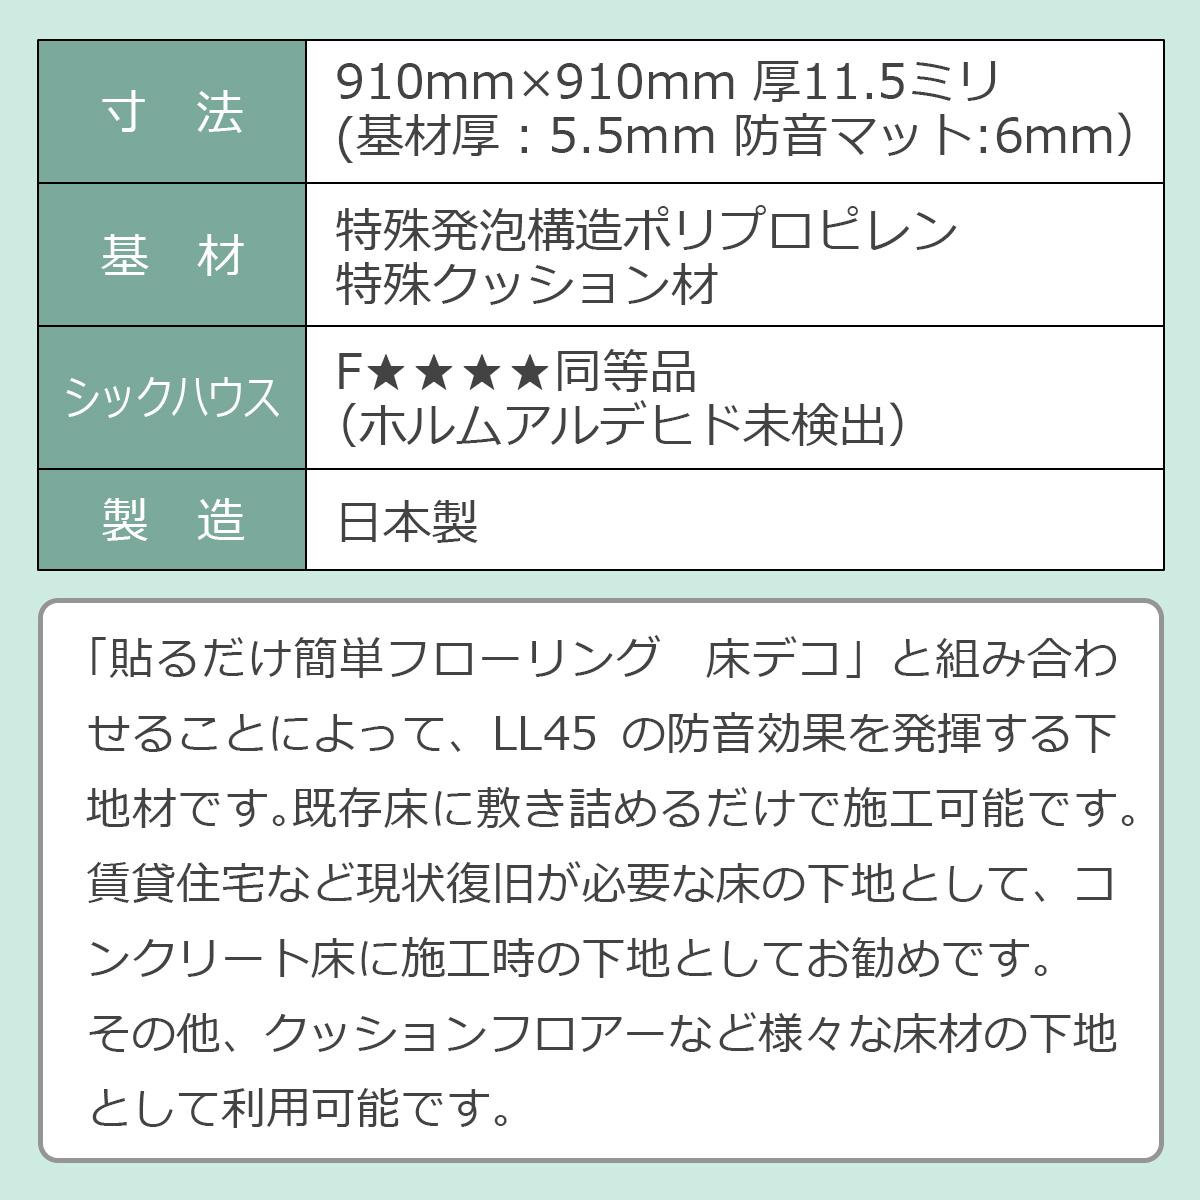 寸法:910ミリ×910ミリ 厚さ11.5ミリ(基材厚5.5ミリ 防音マット6ミリ) 基材:特殊発泡構造ポリプロピレン 特殊クッション材 シックハウス:Fフォースター同等品(ホルムアルデヒド未検出) 製造:日本製 「貼るだけ簡単フローリング 床デコ」と組み合わせることによってLL45の遮音性能を発揮する下地材です。既存床に敷き詰めるだけで施工可能です。賃貸住宅など現状復旧が必要な床の下地として、コンクリート床に施工時の下地として利用可能です。その他、クッションフロアーなど様々な床材の下地として利用可能です。